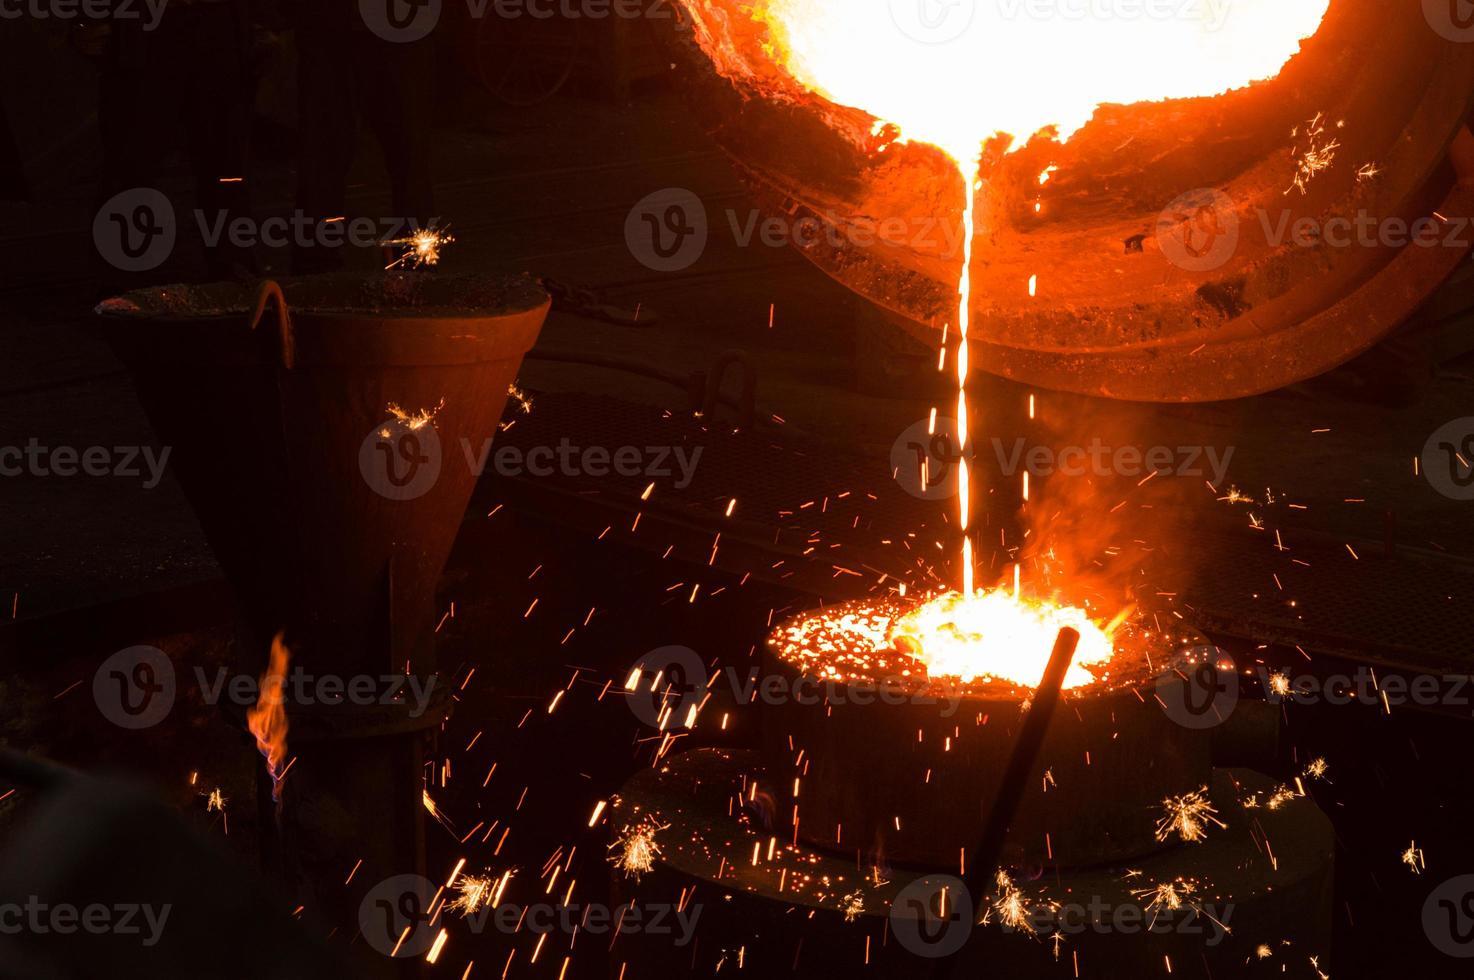 gjutning av metall foto